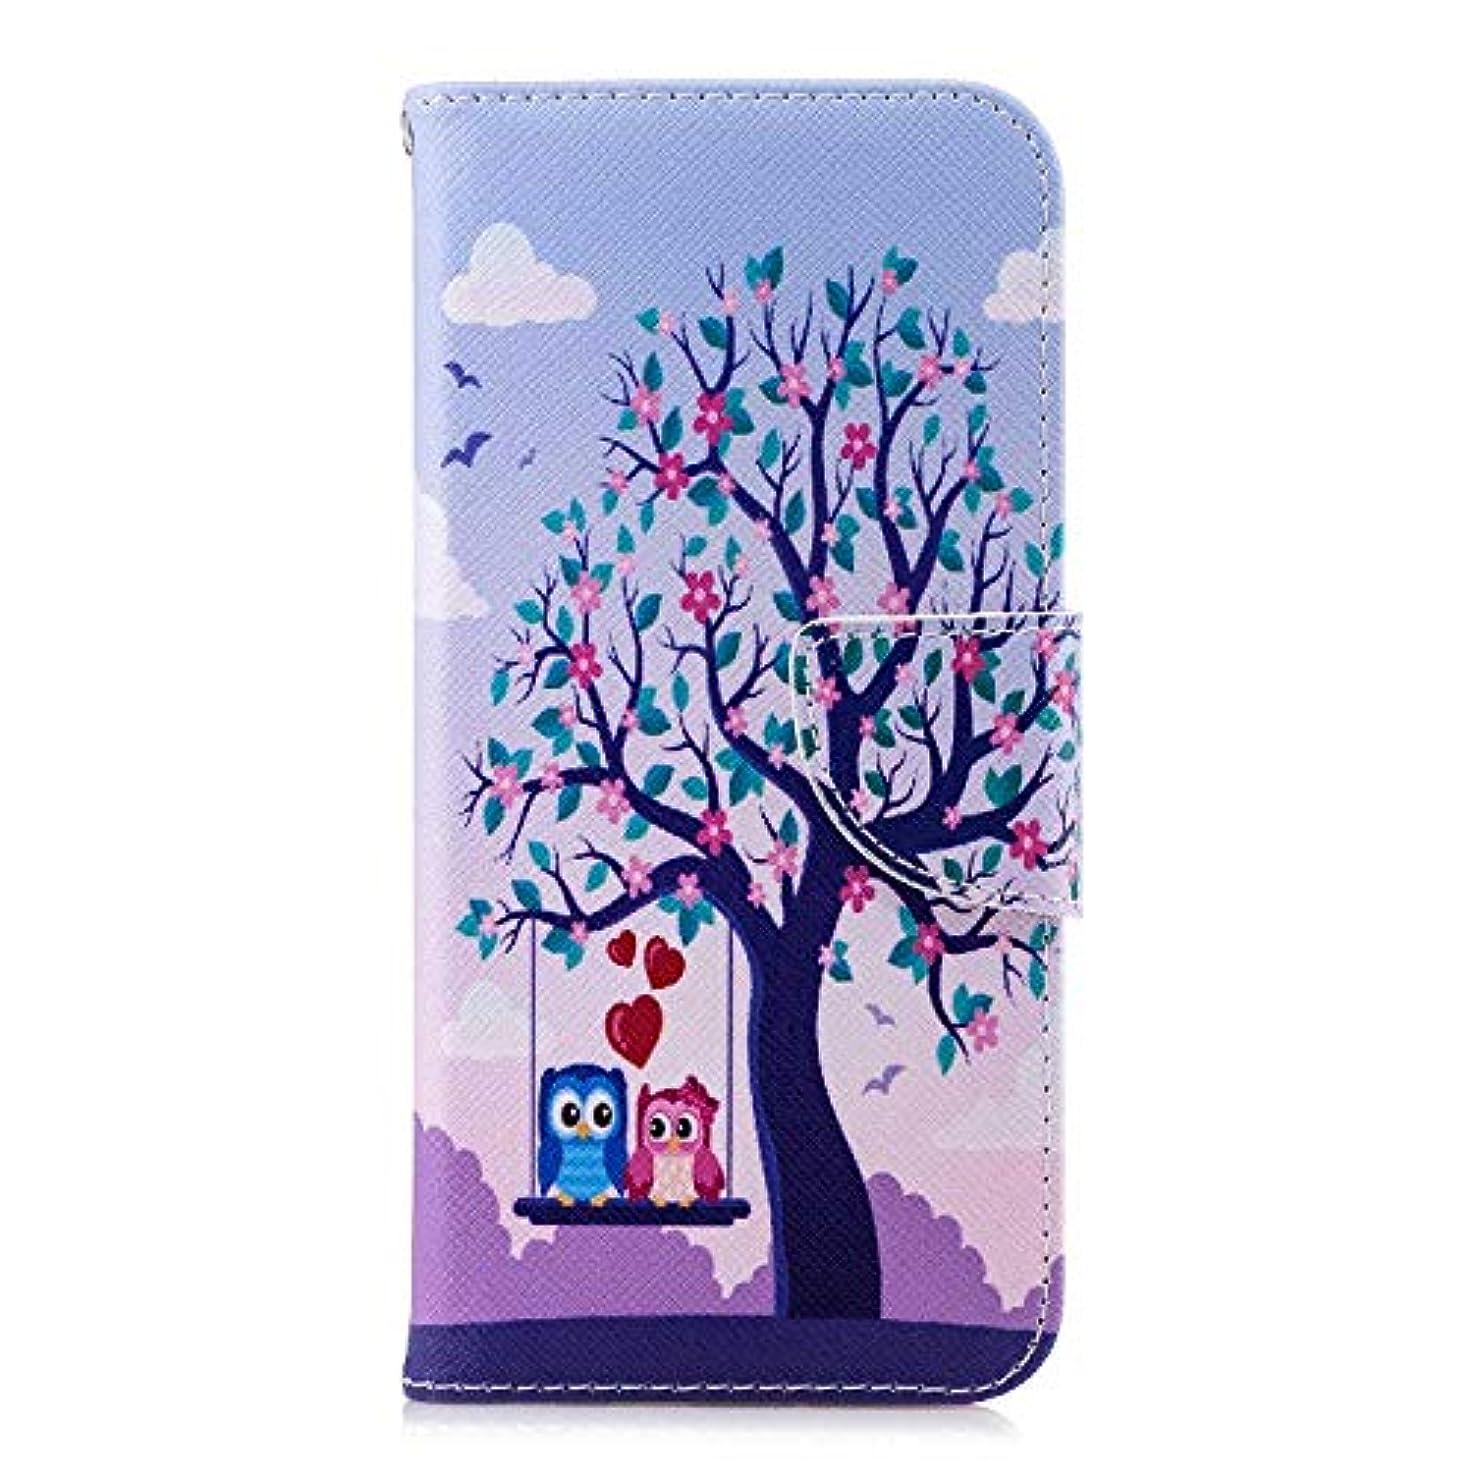 森林サージ欲しいですOMATENTI Huawei Honor 10 ケース, ファッション人気 PUレザー 手帳 軽量 電話ケース 耐衝撃性 落下防止 薄型 スマホケースザー 付きスタンド機能, マグネット開閉式 そしてカード収納 Huawei...